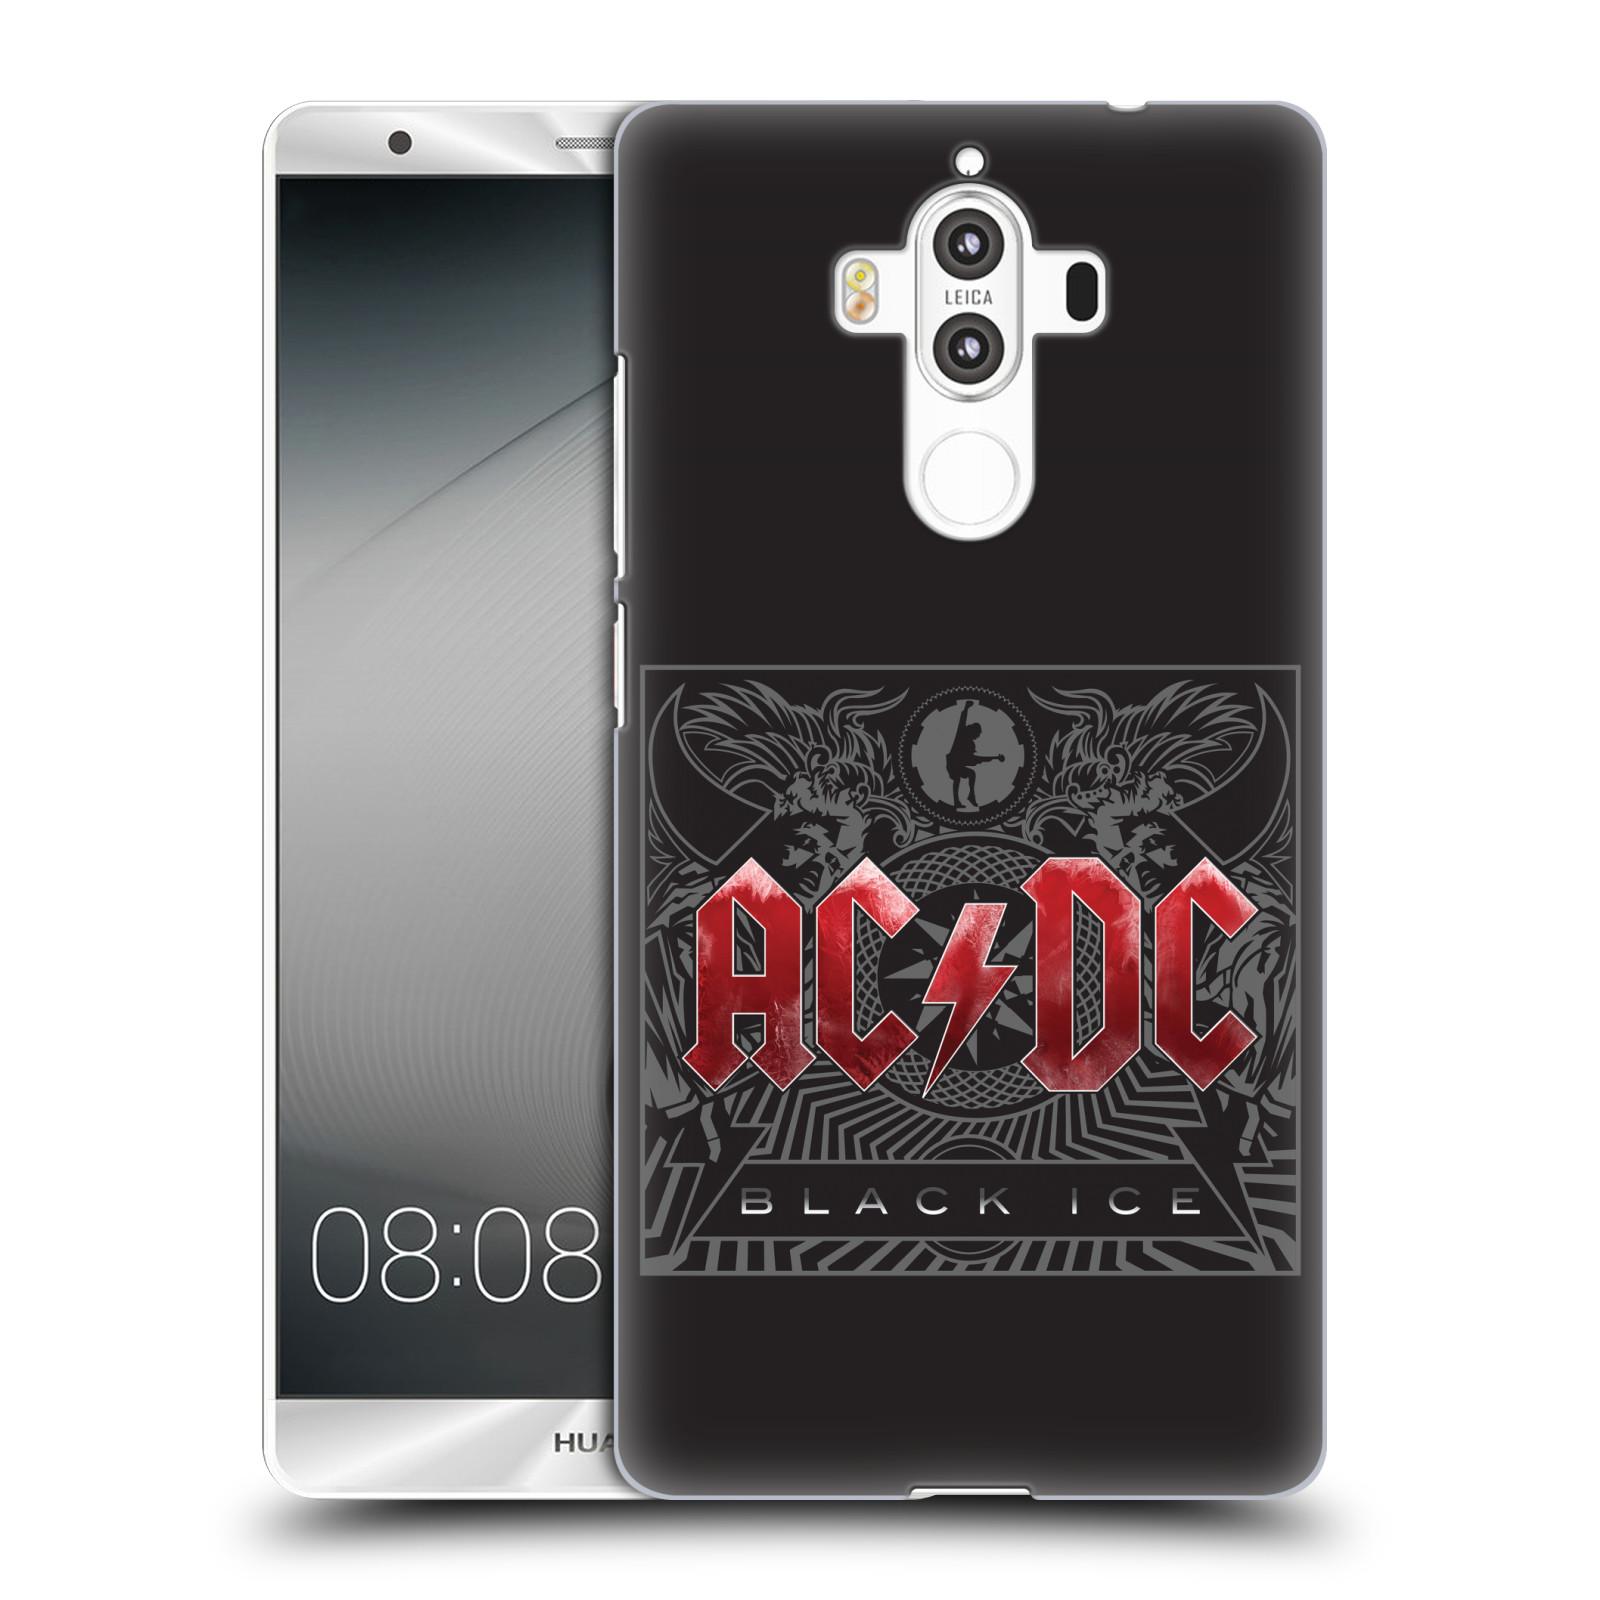 Plastové pouzdro na mobil Huawei Mate 9 - Head Case AC/DC Black Ice (Plastový kryt či obal na mobilní telefon s oficiálním motivem australské skupiny AC/DC pro Huawei Mate 9 (Dual SIM))